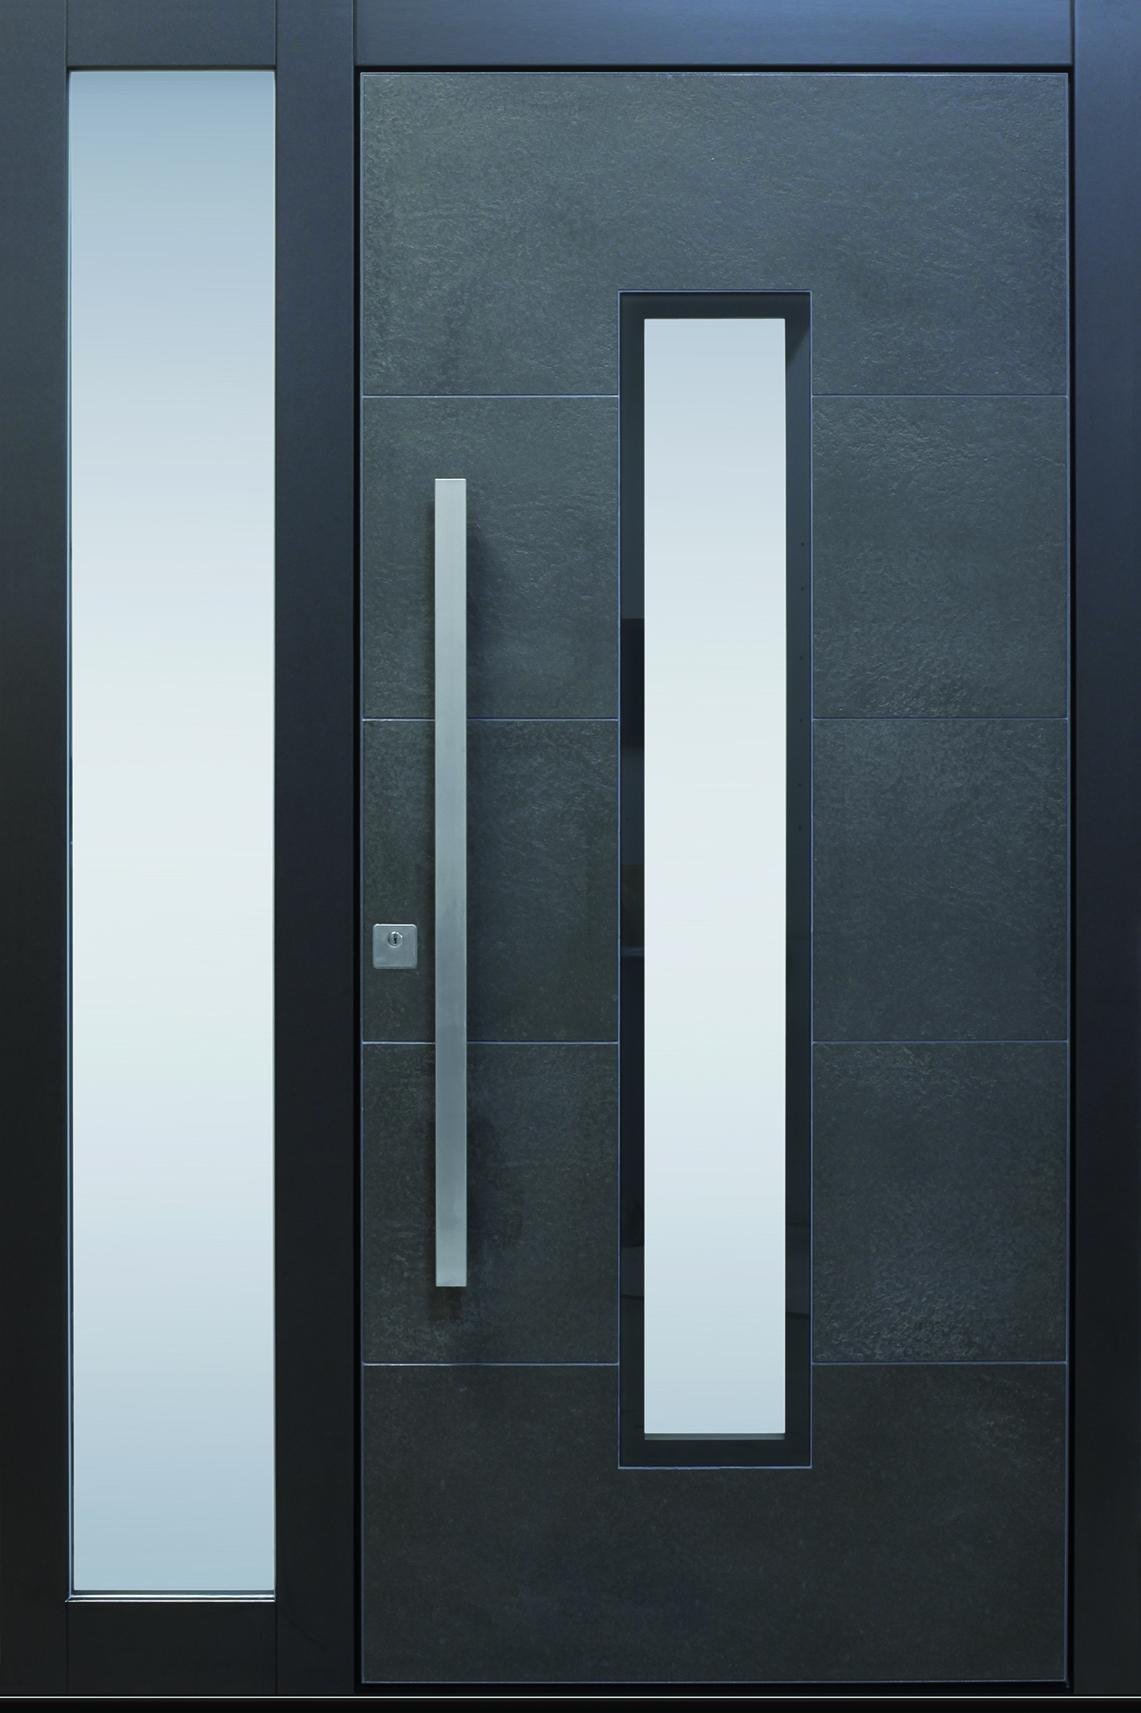 Haustüren modern mit seitenteil weiß  TOPIC - Haustüren von Meisterhand TOPIC - die Türenmanufaktur